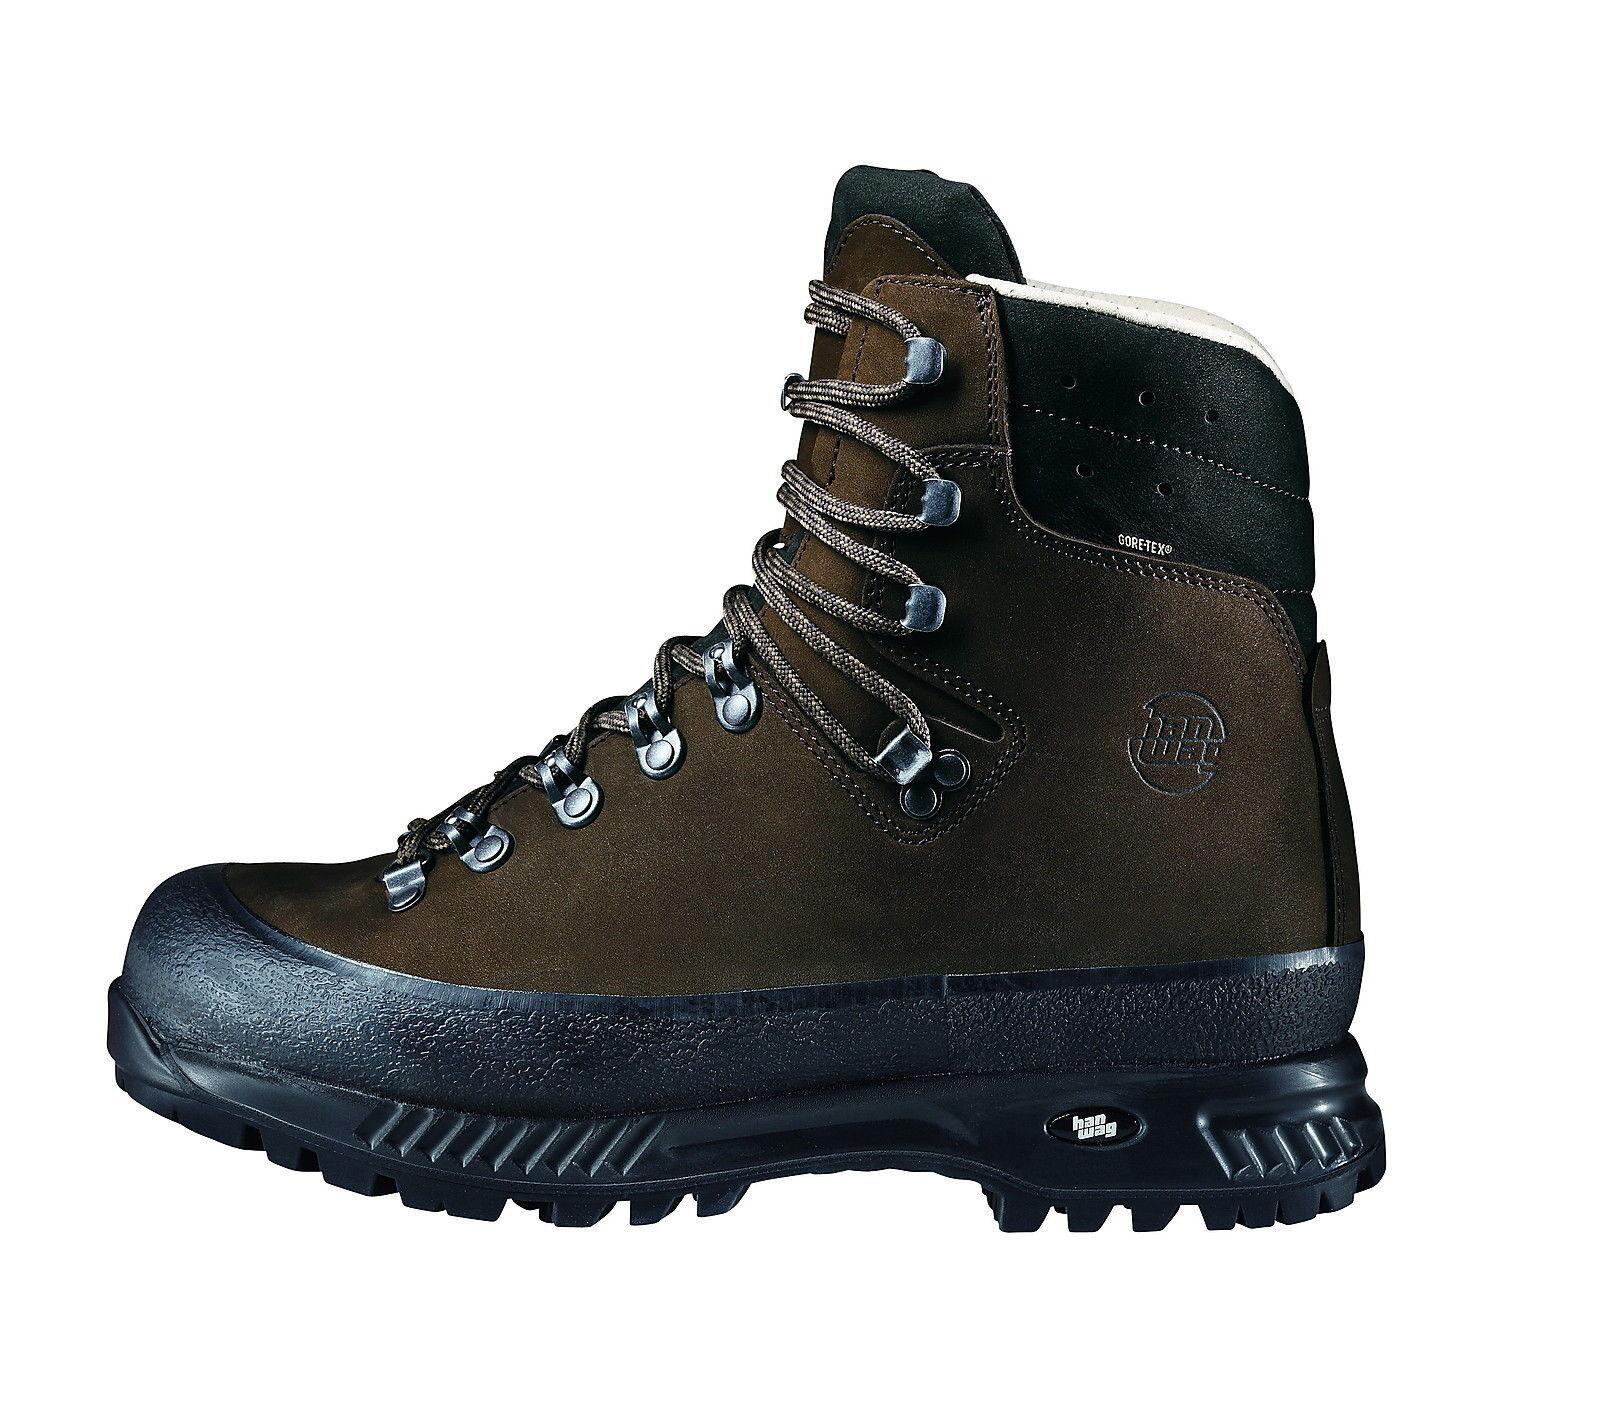 Hanwag Bergschuhe:Alaska GTX GTX GTX Men Größe 7 - 40,5  erde b42605